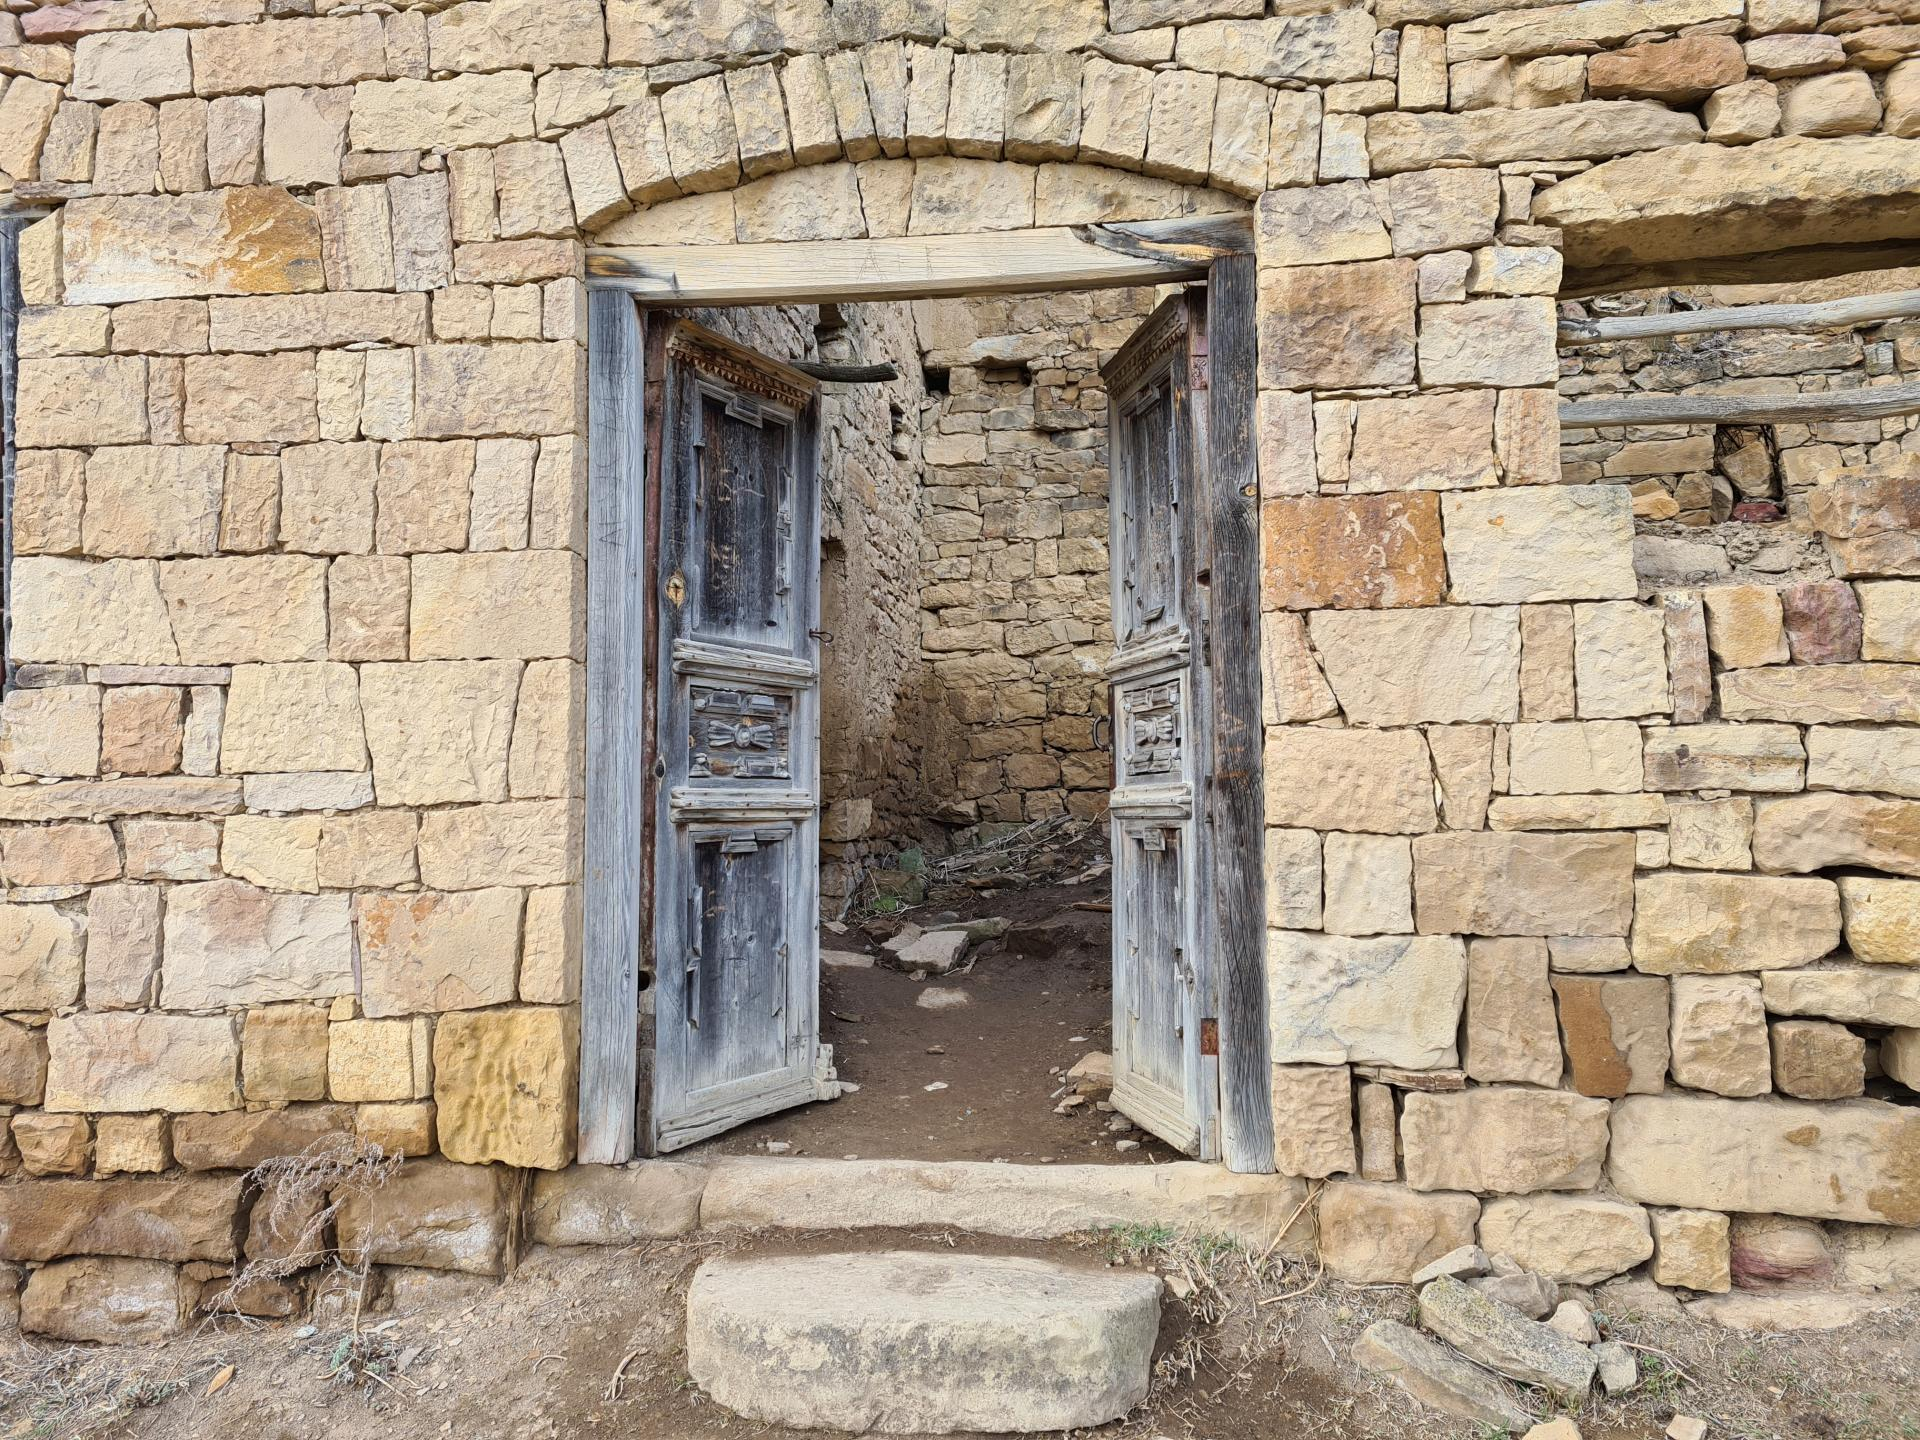 заброшенное здание в ауле Гамсутль